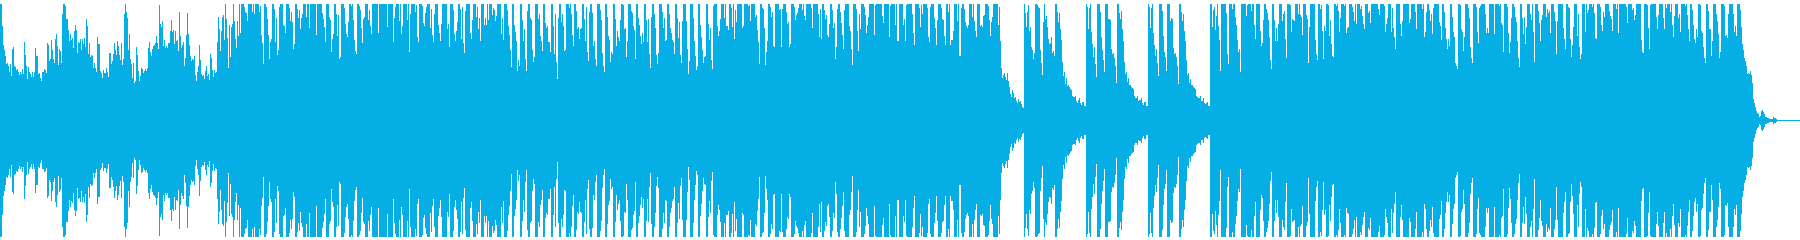 夏をイメージさせるメロディックなポップスの再生済みの波形